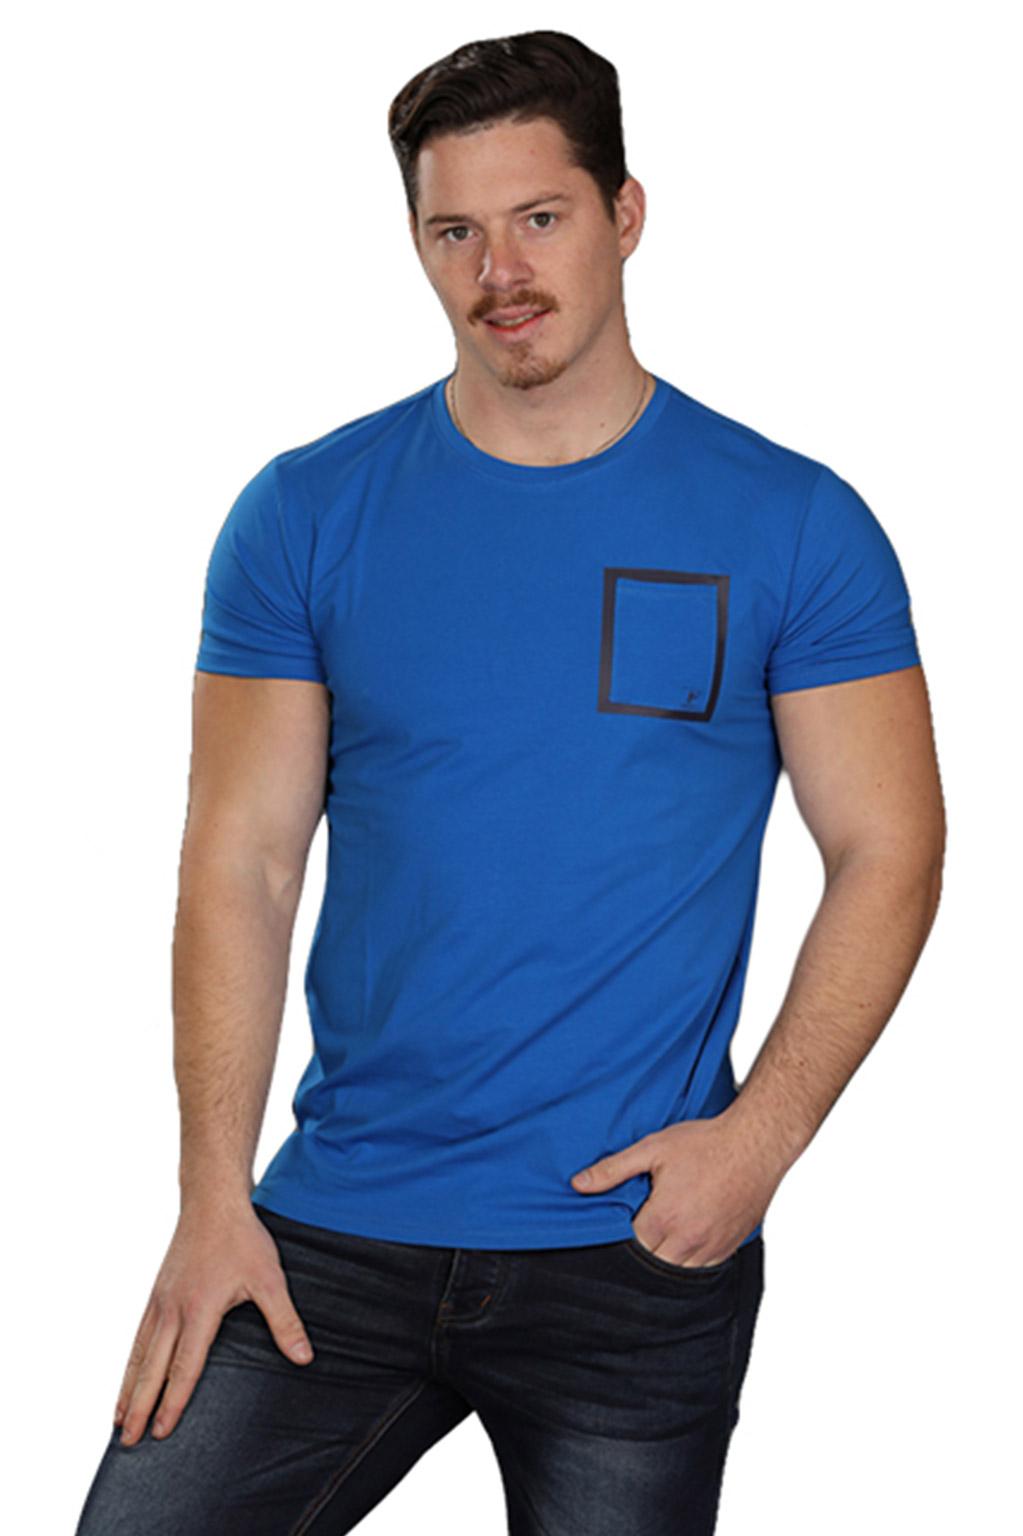 חולצת טישרט לגבר SLIM FIT - צבע לבחירה